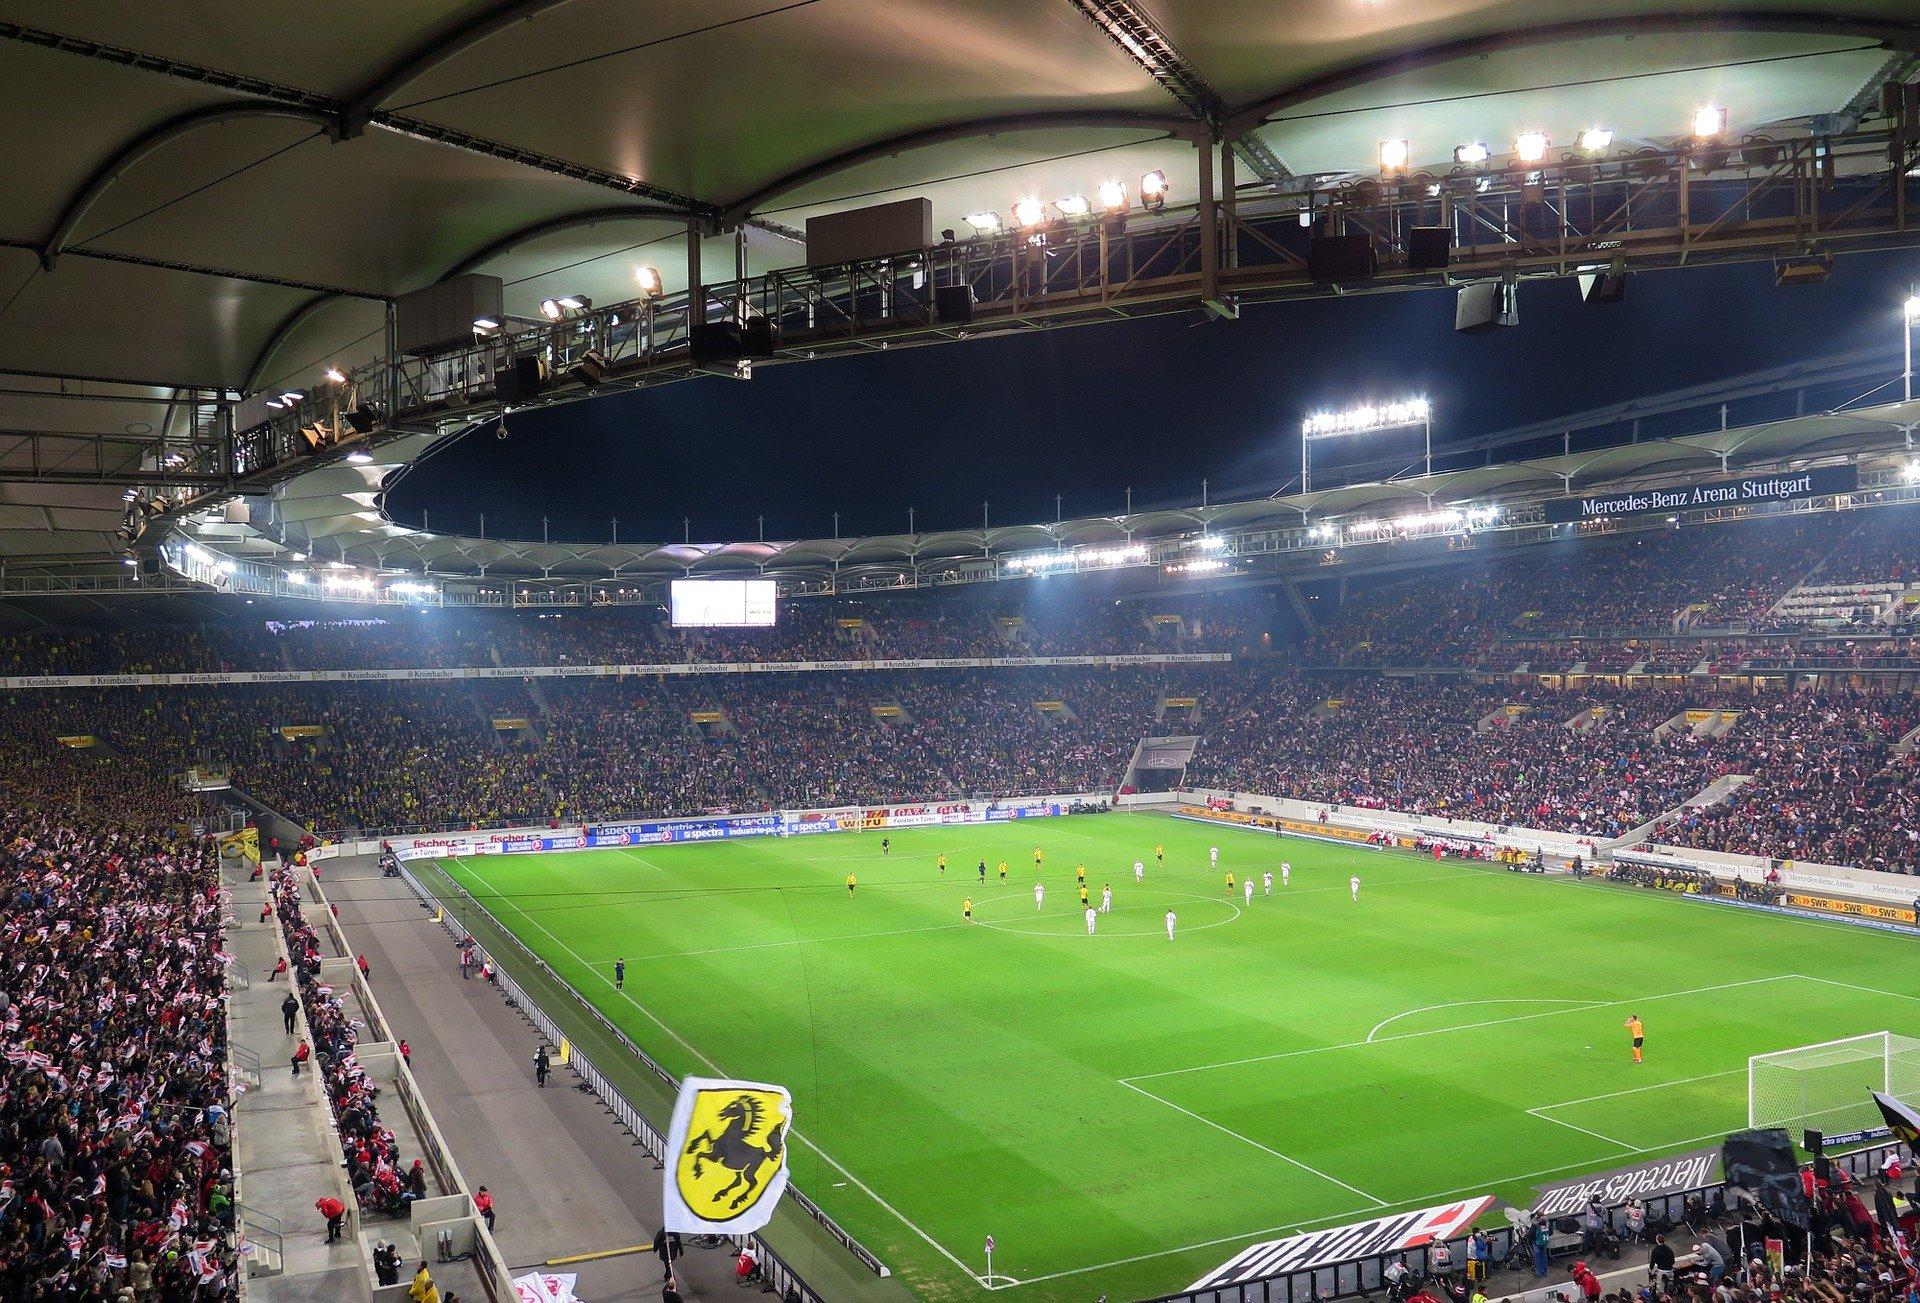 Die Bundesliga hat etliche Spielrunden hinter sich und langsam wird ersichtlich, welcher Club sich welches Ziel auf die Fahne schreiben darf.